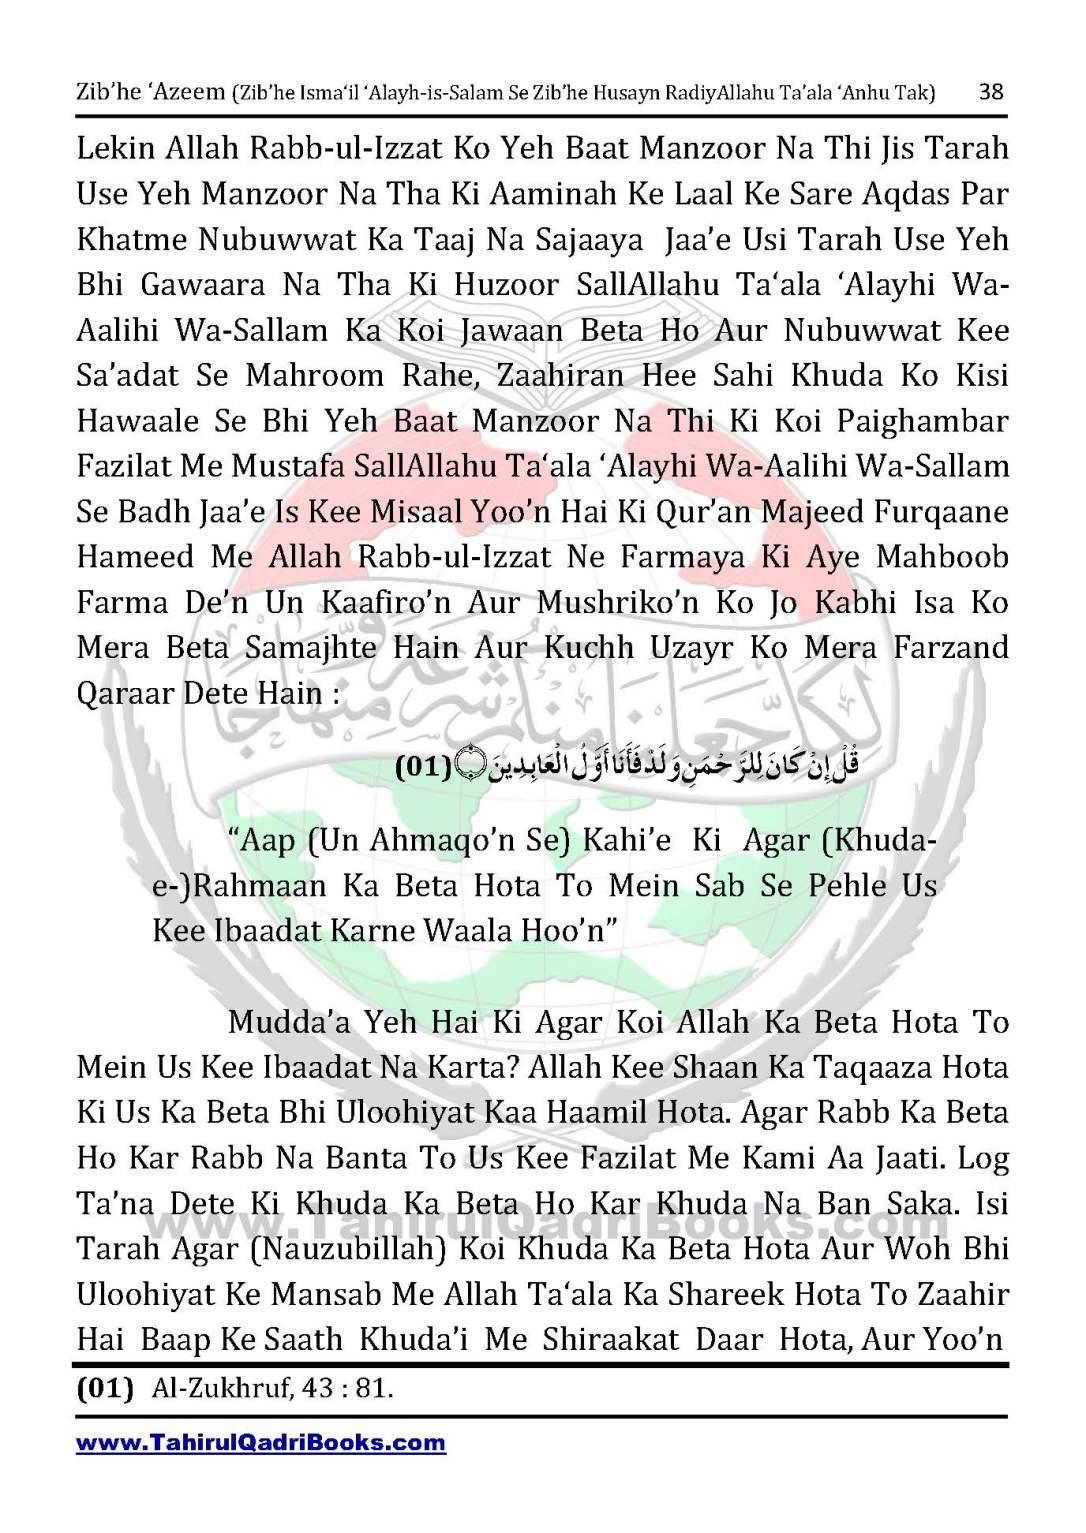 zib_he-e28098azeem-zib_he-ismacabbil-se-zib_he-husayn-tak-in-roman-urdu-unlocked_Page_038